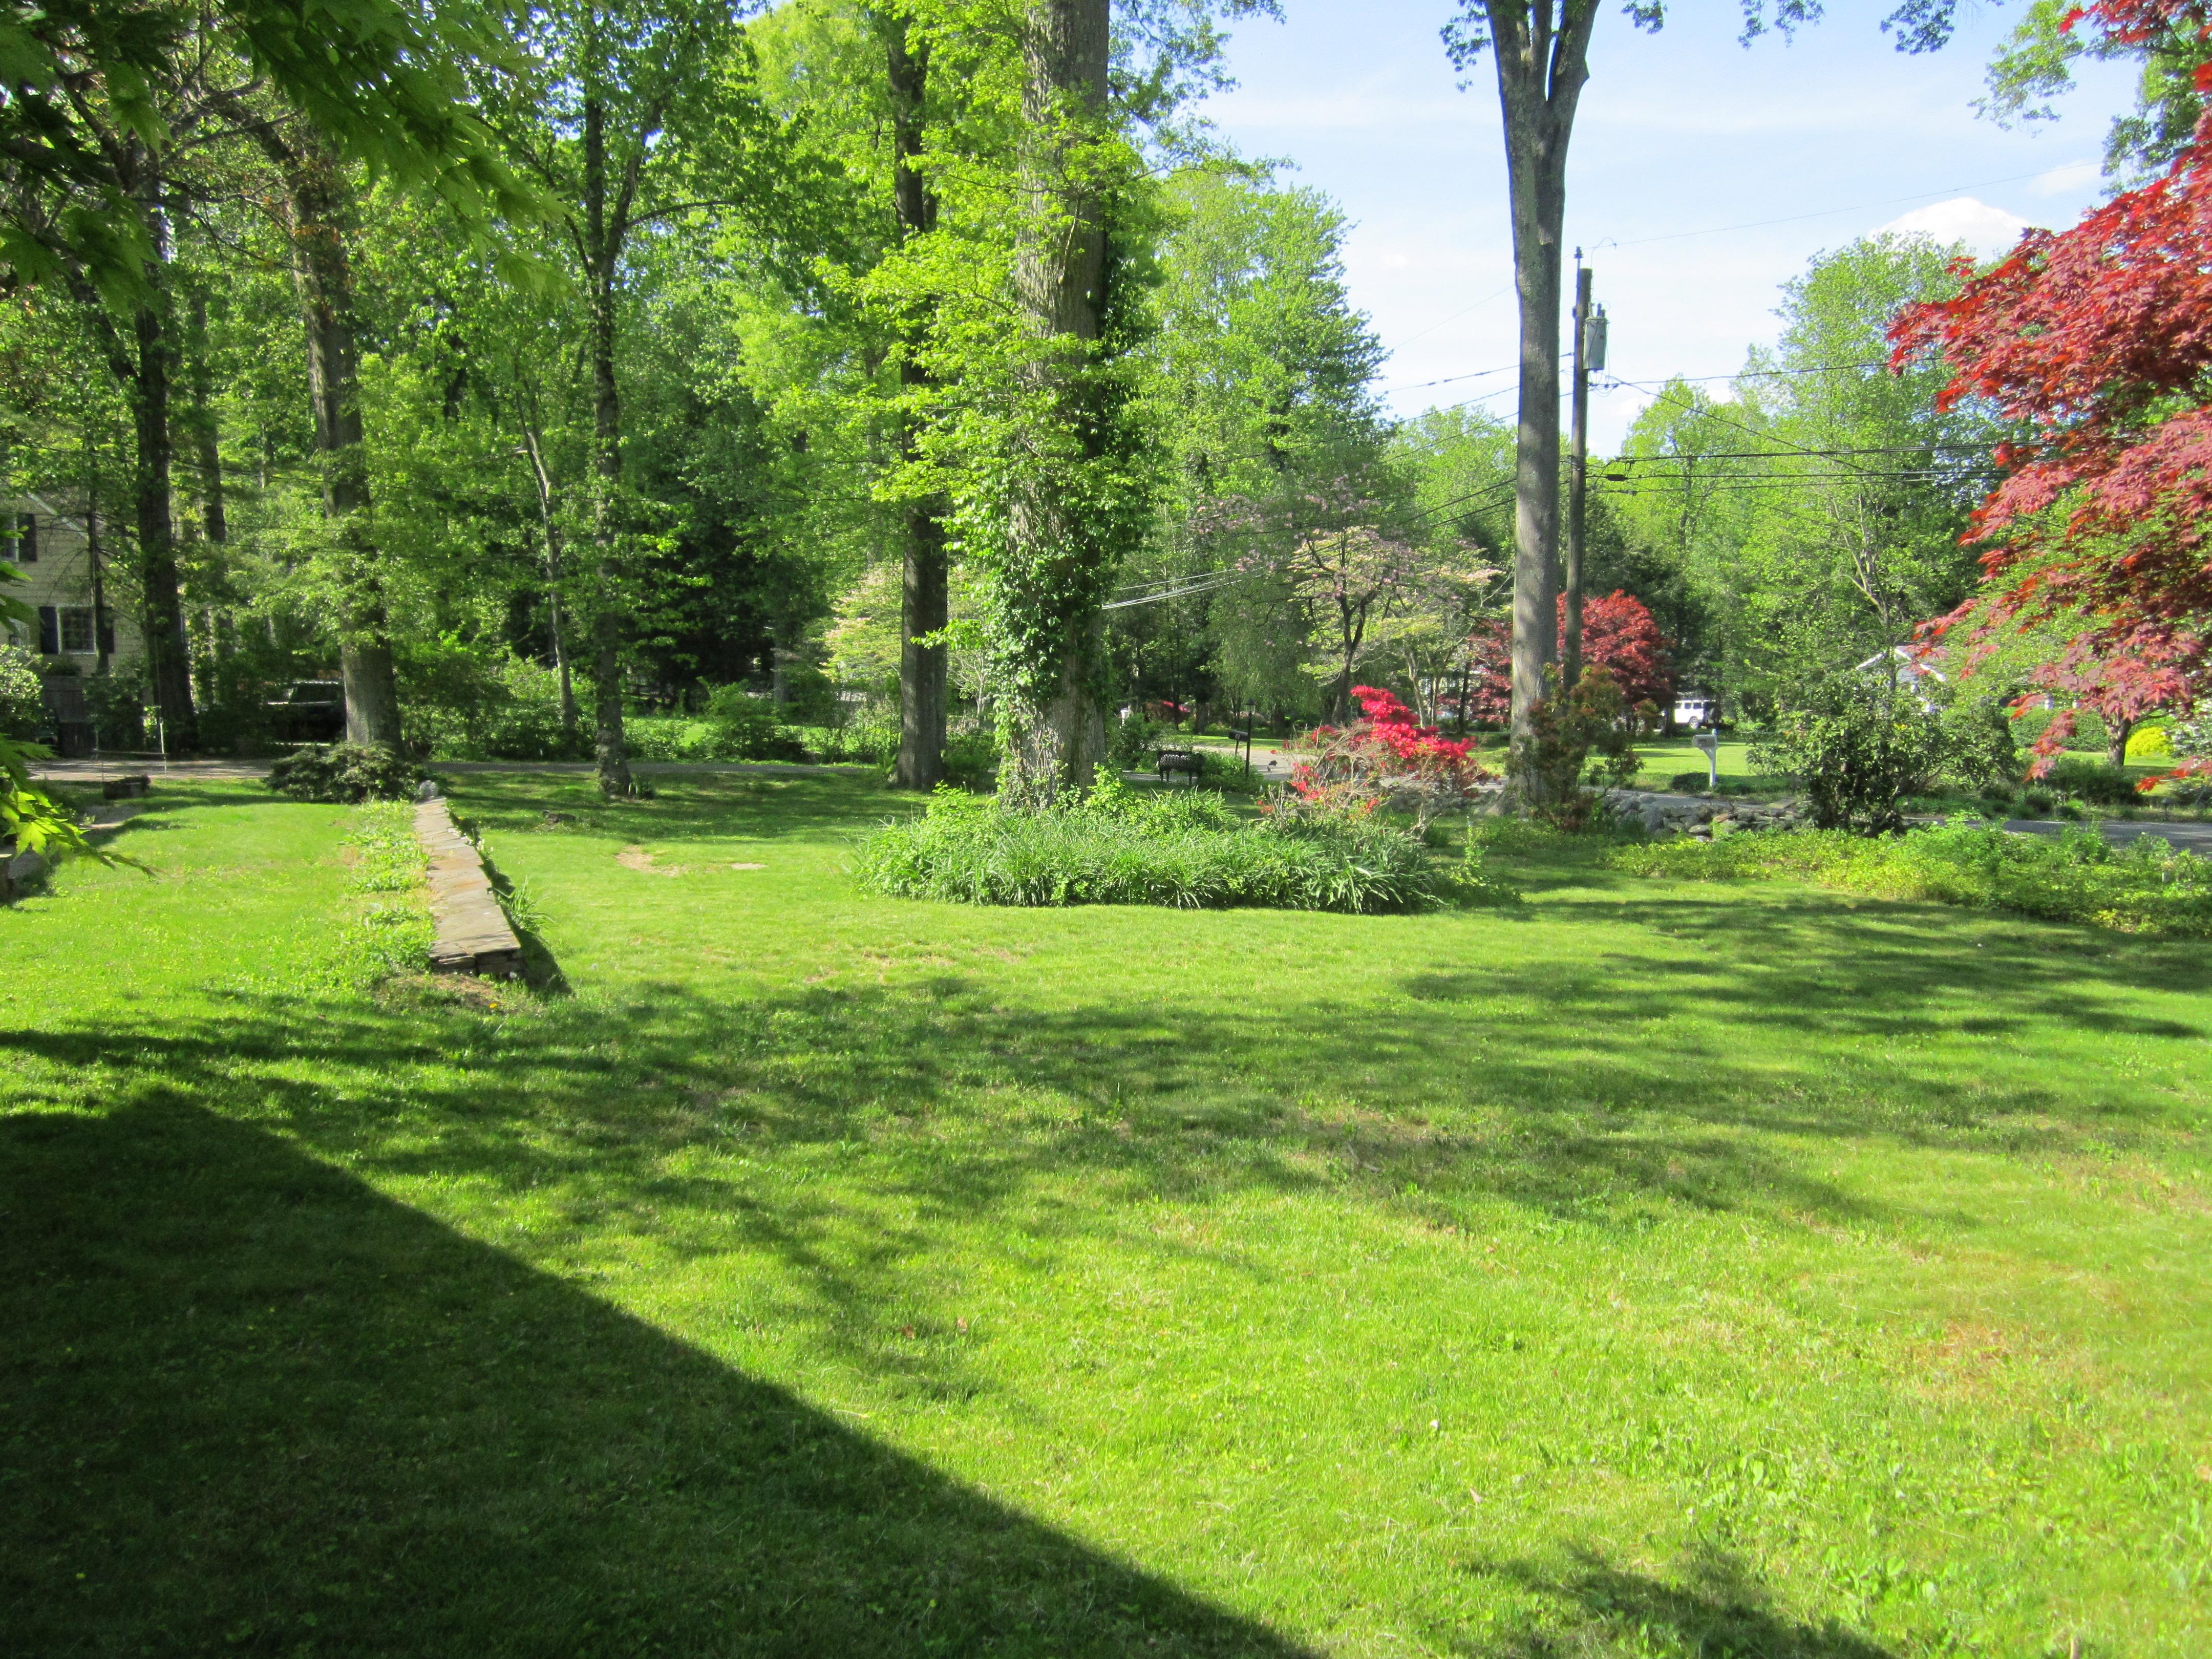 토지 용 매매 에 Land 61 High Point Road Westport, 코네티컷, 06880 미국